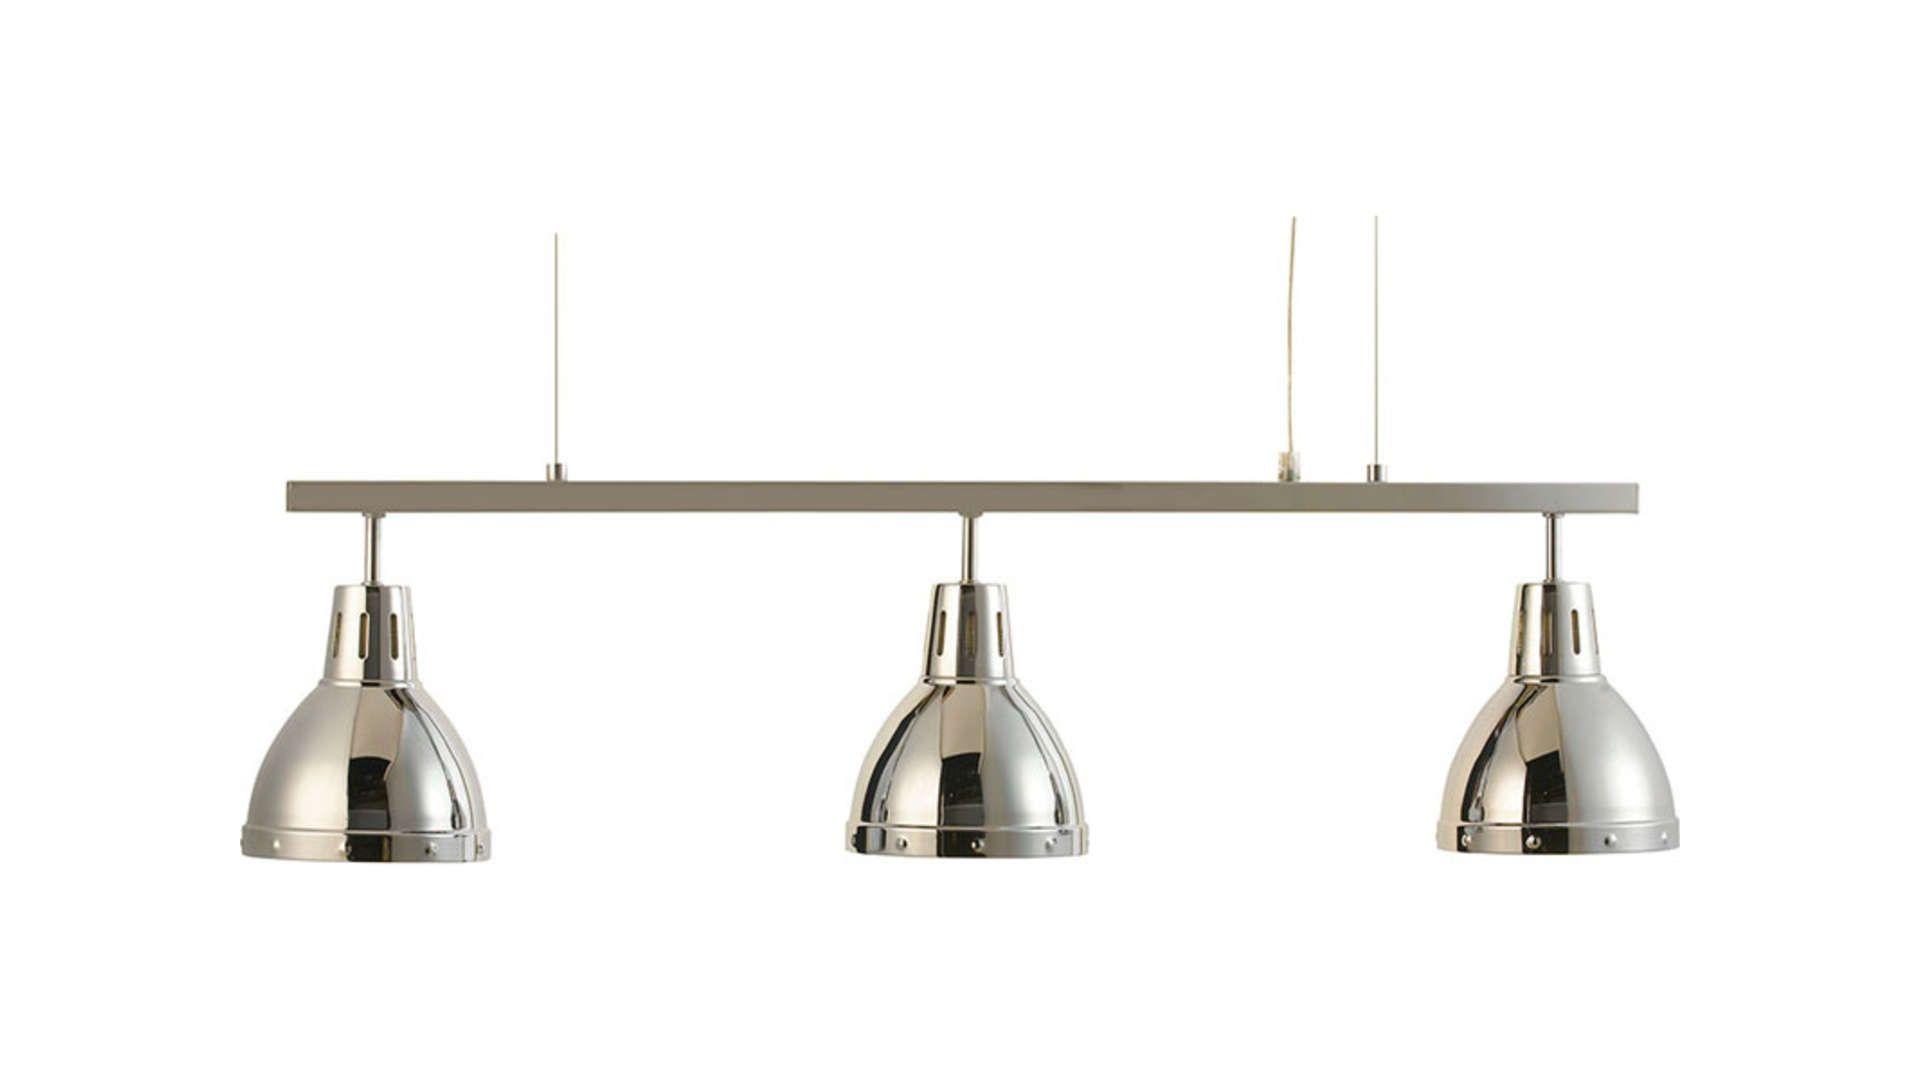 Lustre Barre 3 Lampes 290575 Lustre Structure Metal Et Lumiere De Lampe